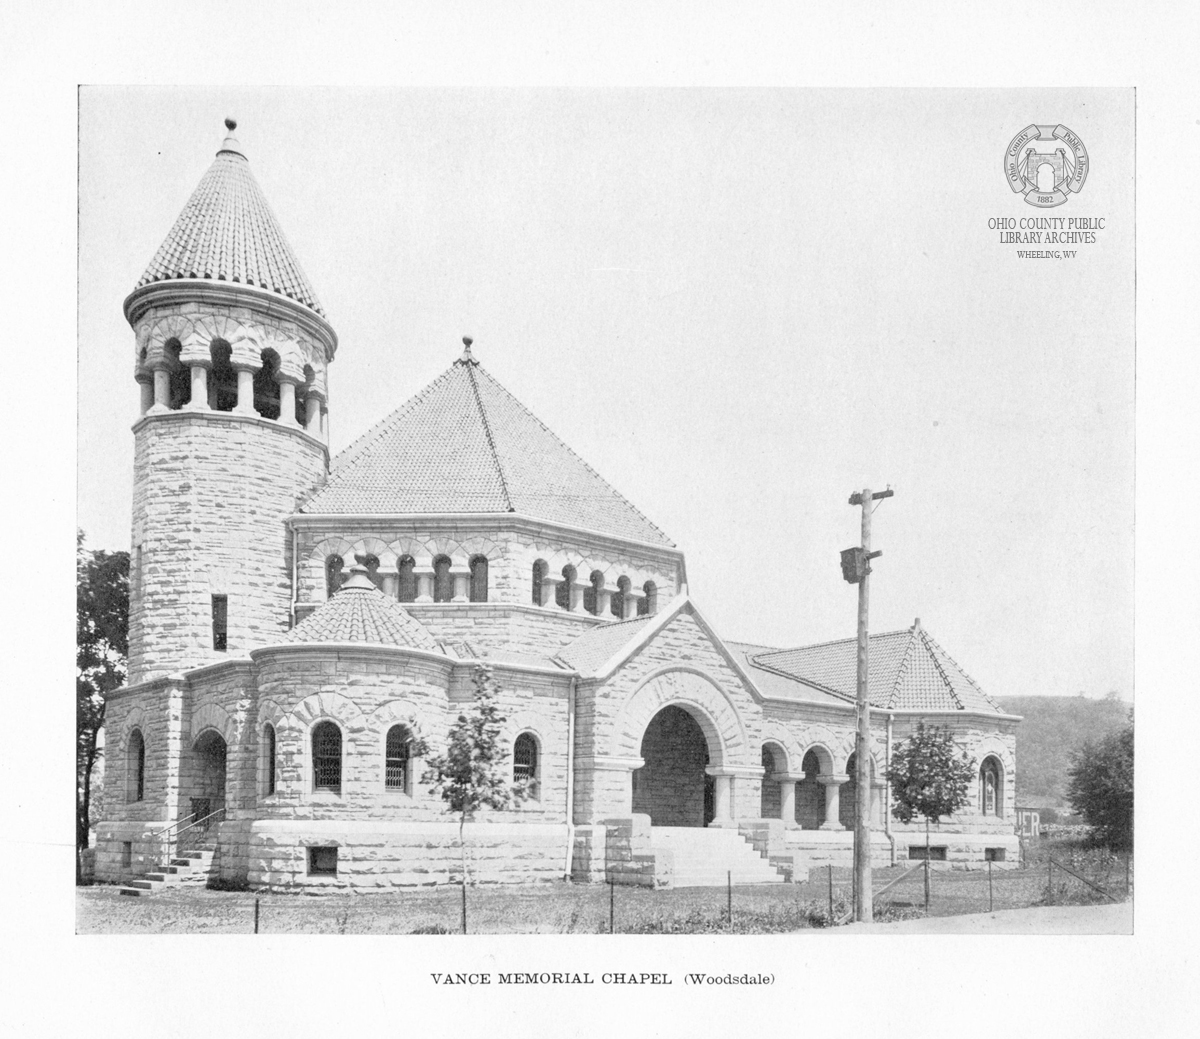 Vance Memorial Church